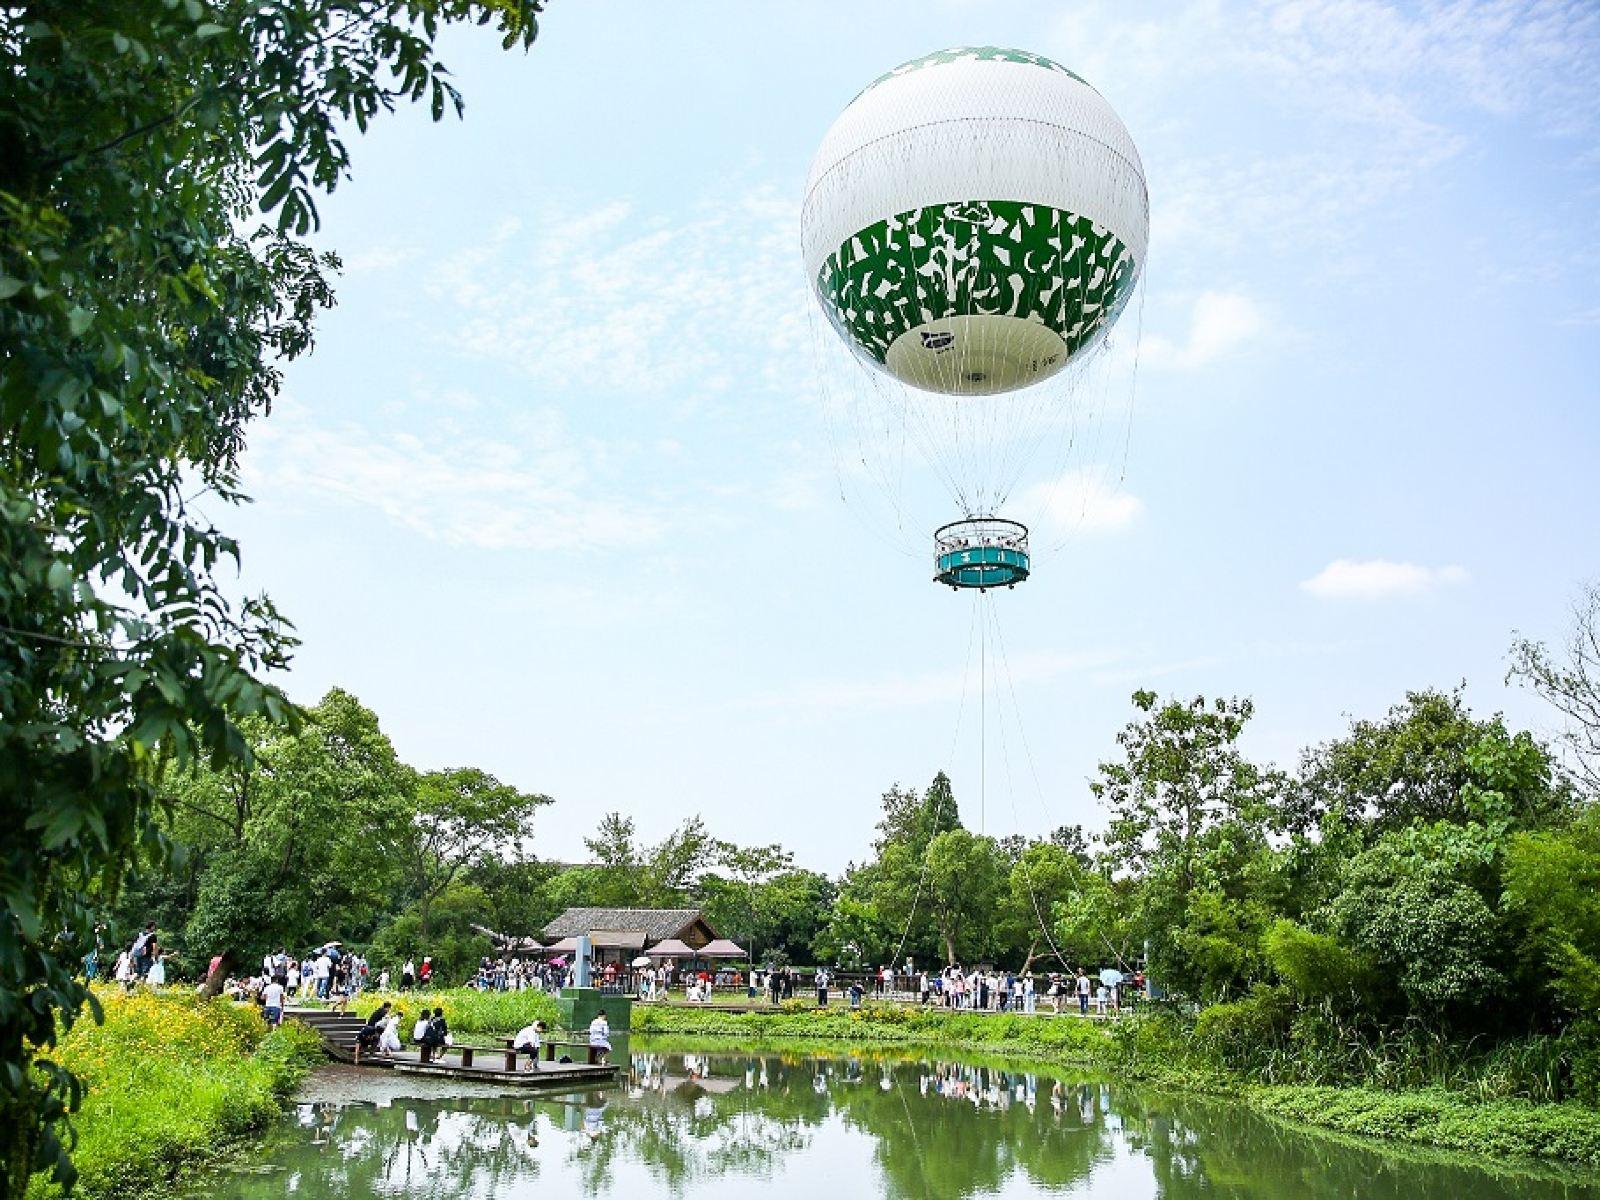 西溪空中揽胜氦气球